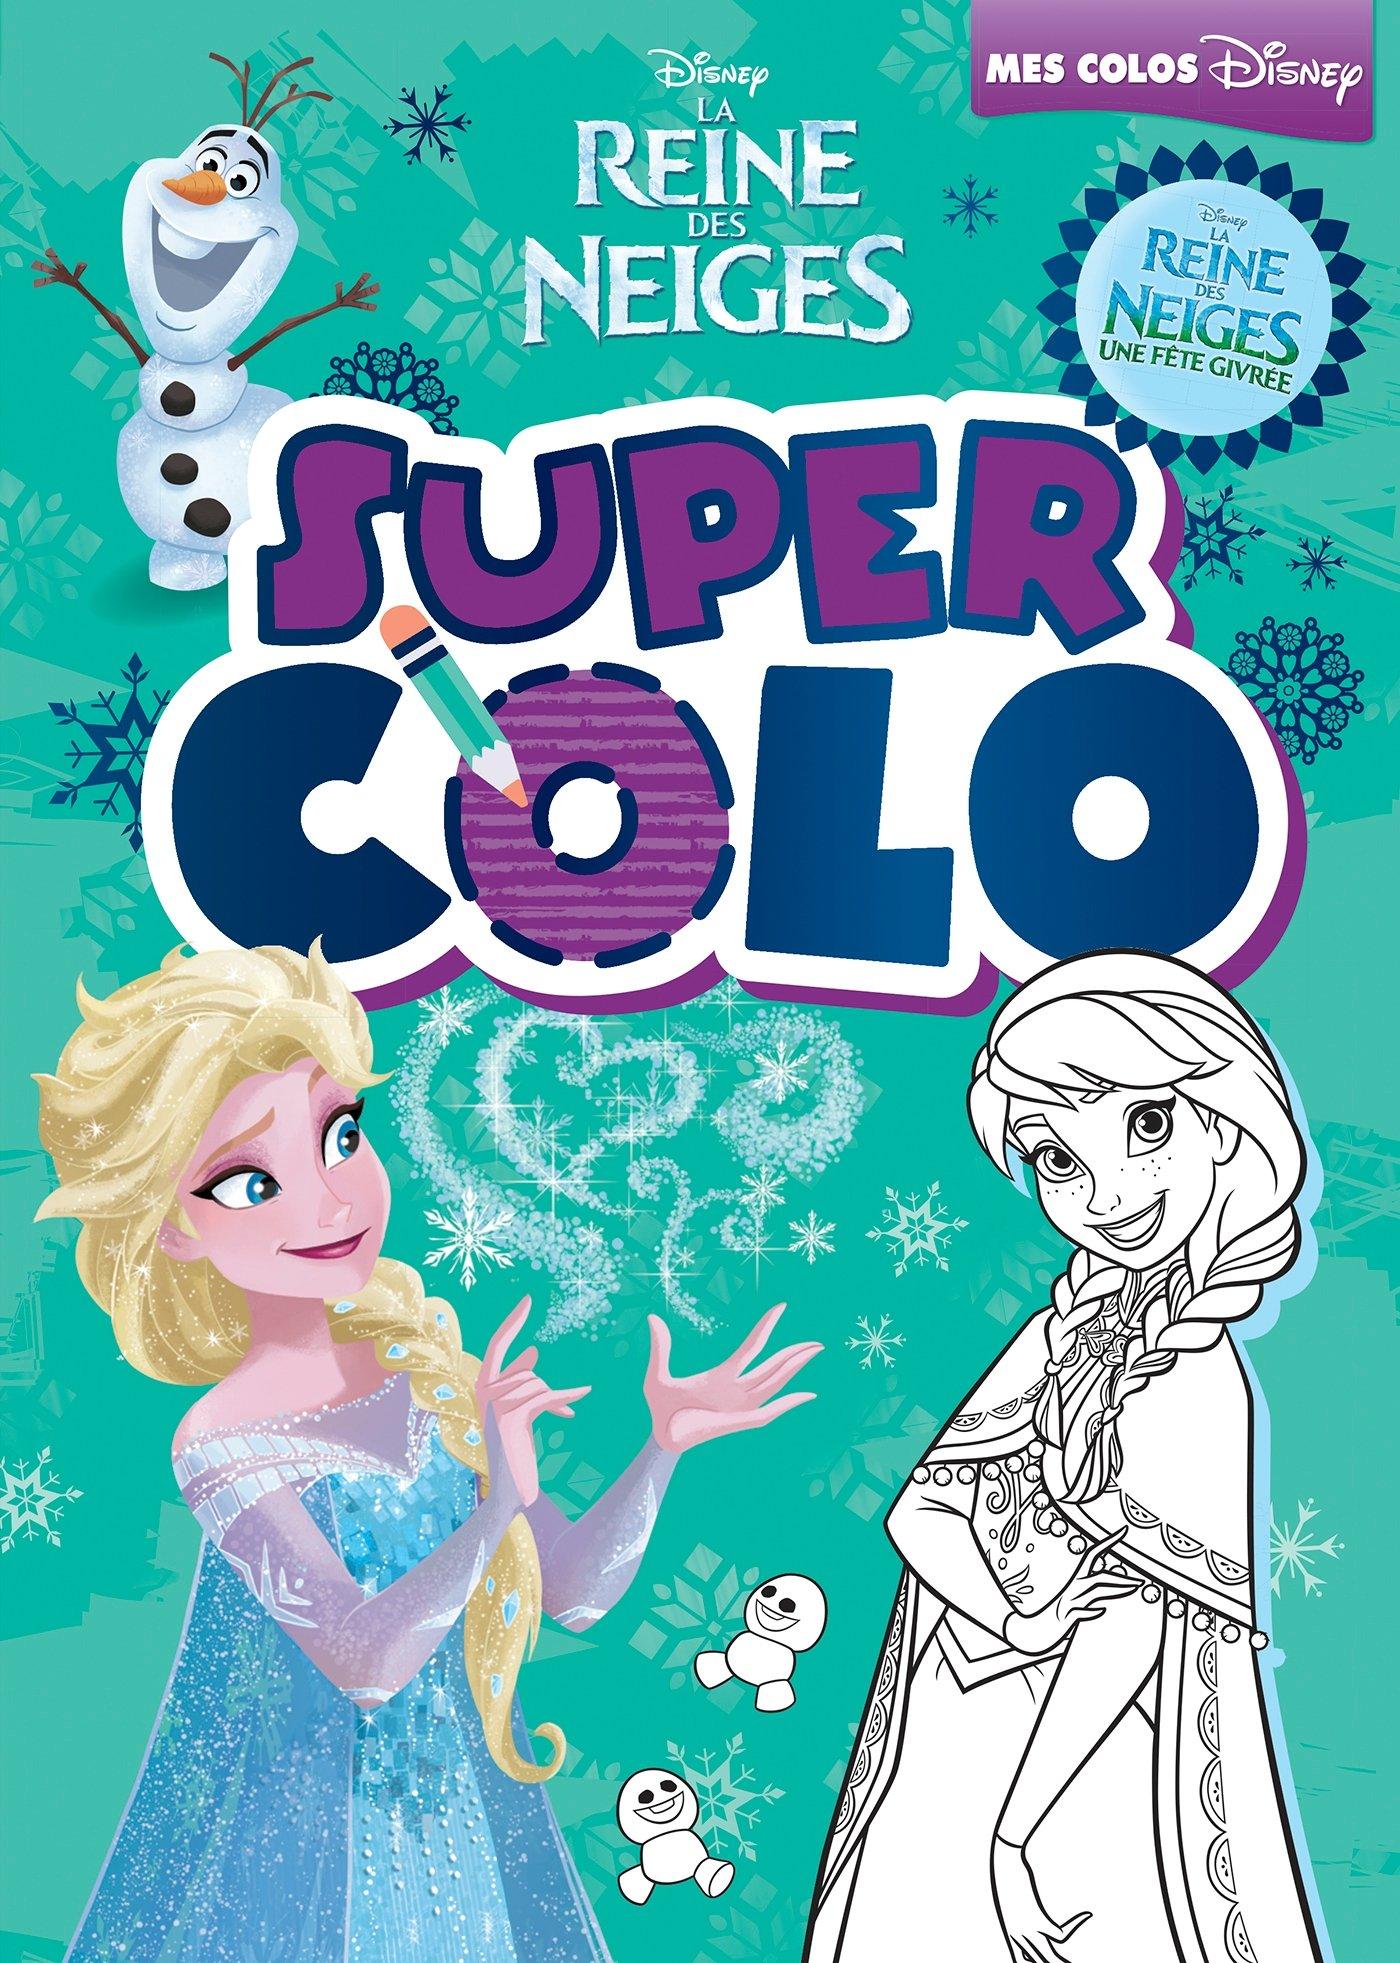 Vanity Coloriage Reine Des Neiges.La Reine Des Neiges Super Colo Amazon Fr Disney Livres